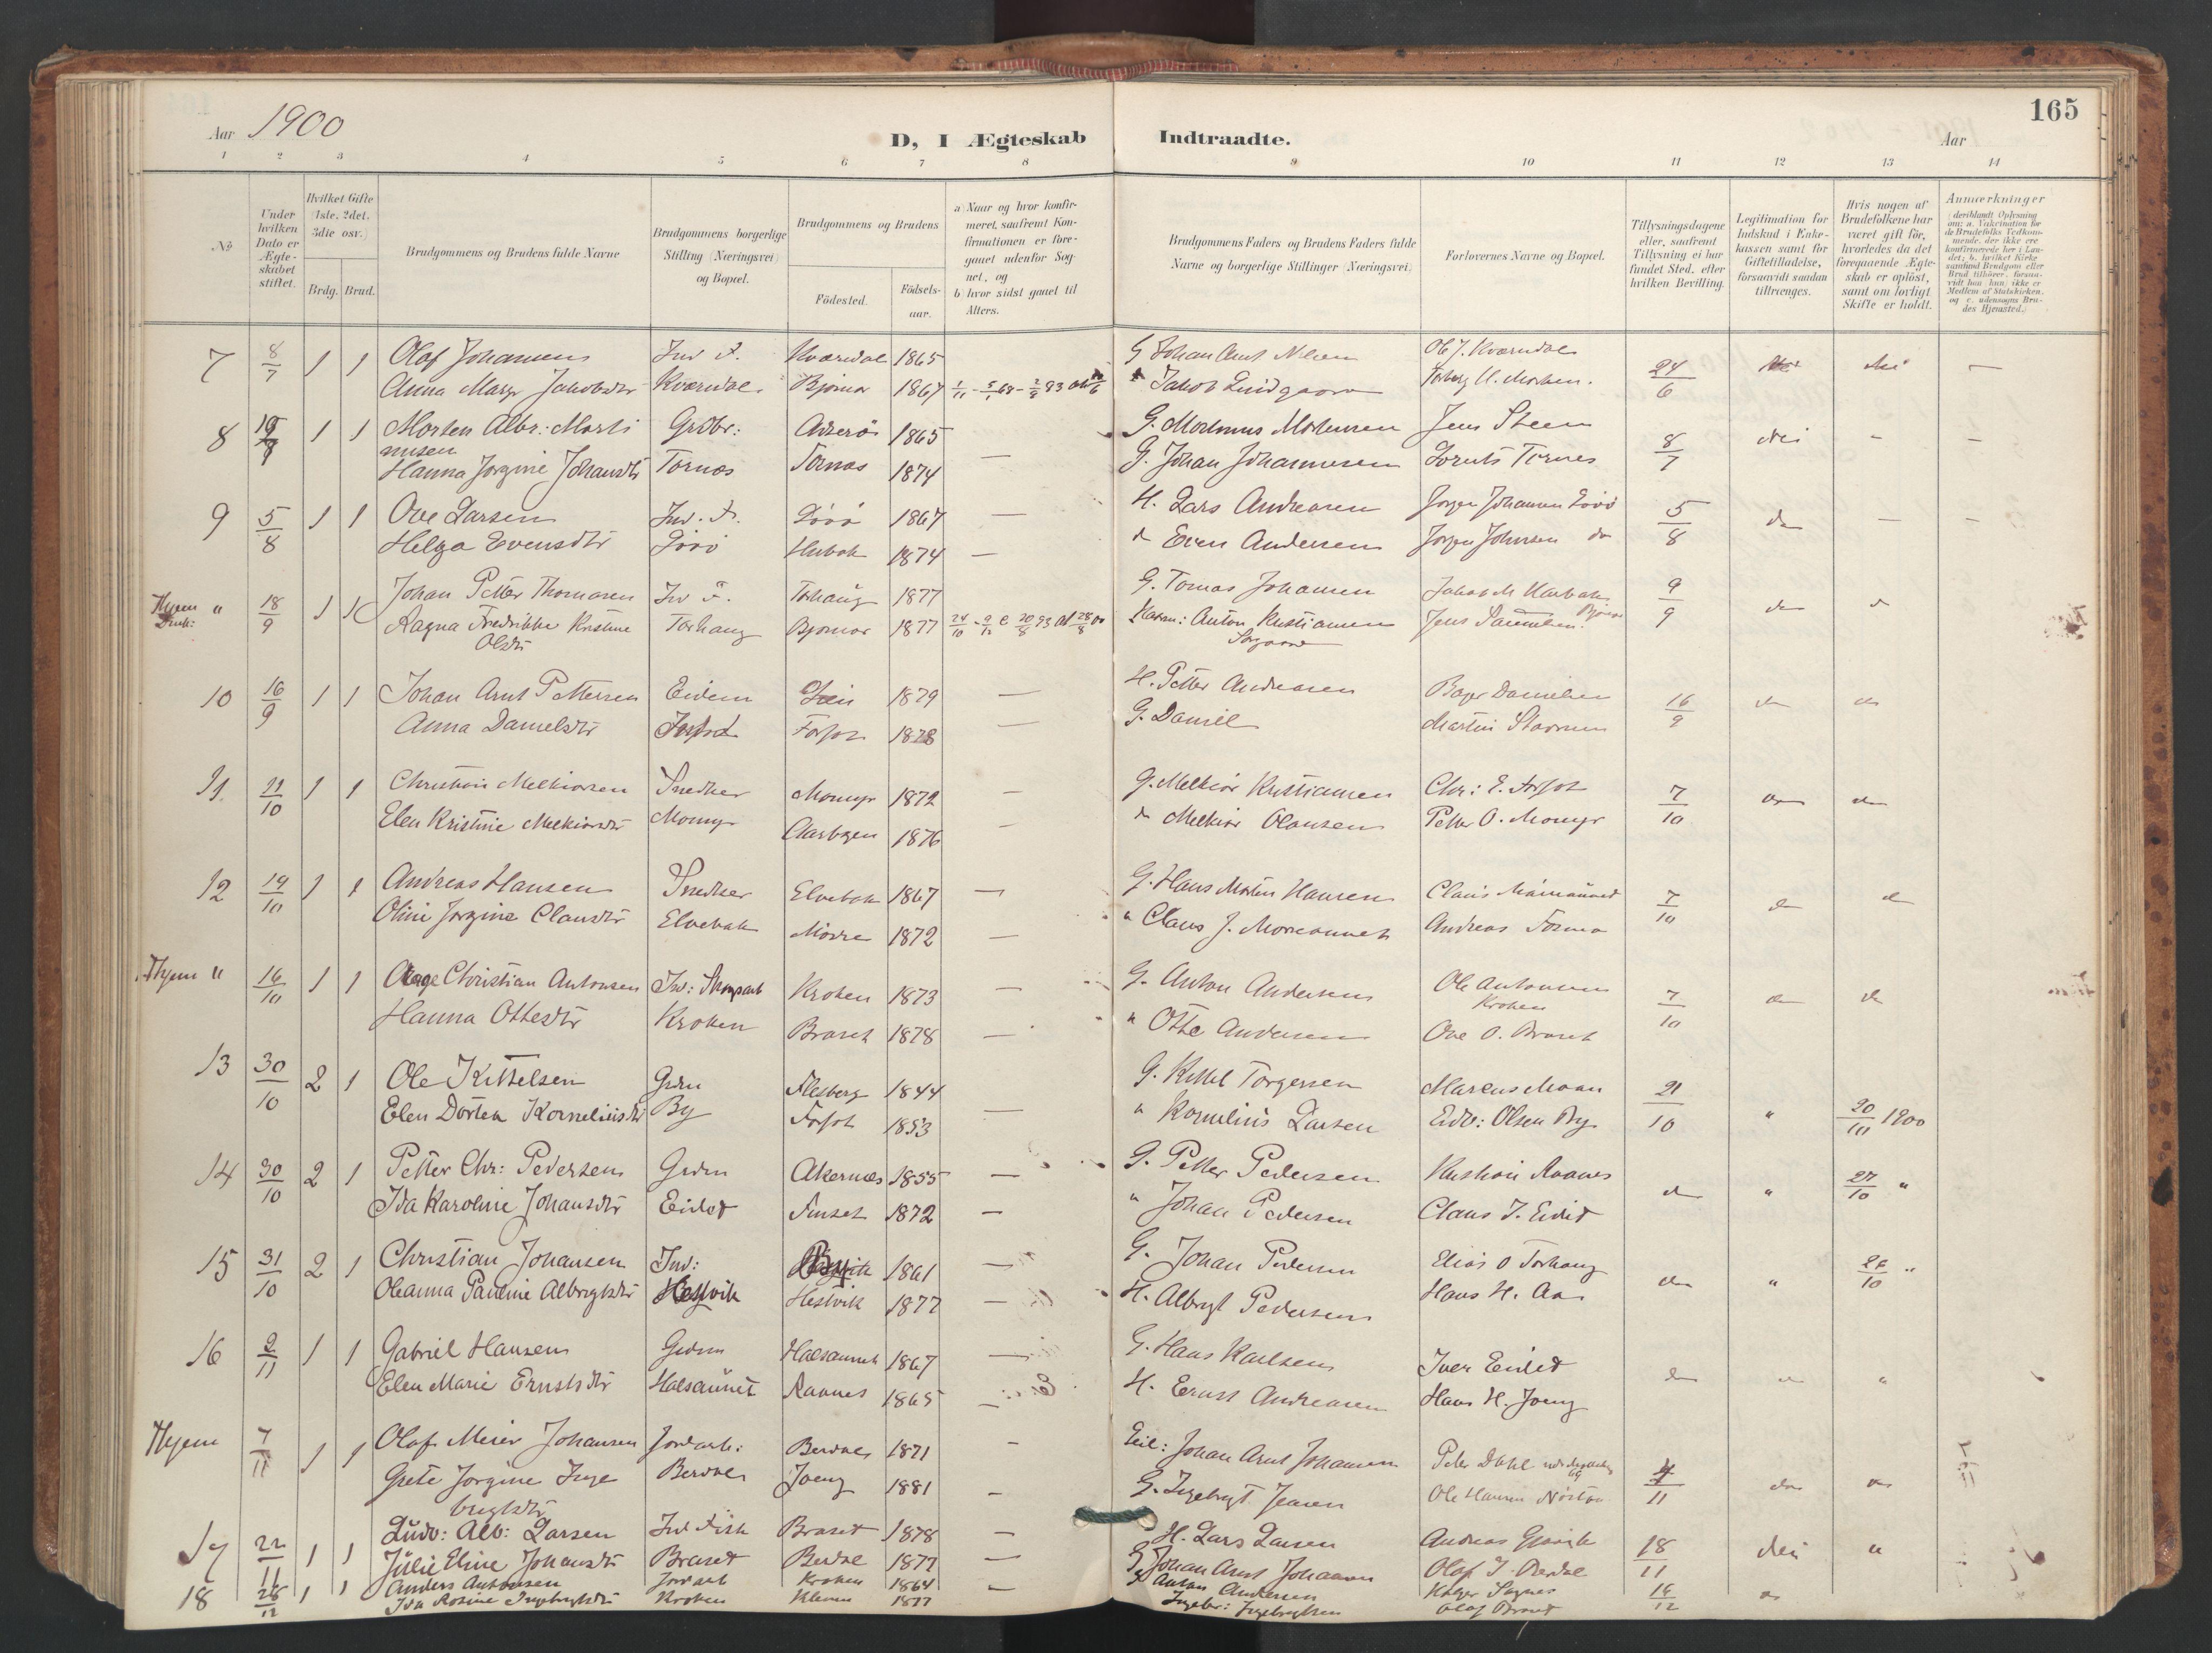 SAT, Ministerialprotokoller, klokkerbøker og fødselsregistre - Sør-Trøndelag, 655/L0681: Ministerialbok nr. 655A10, 1895-1907, s. 165